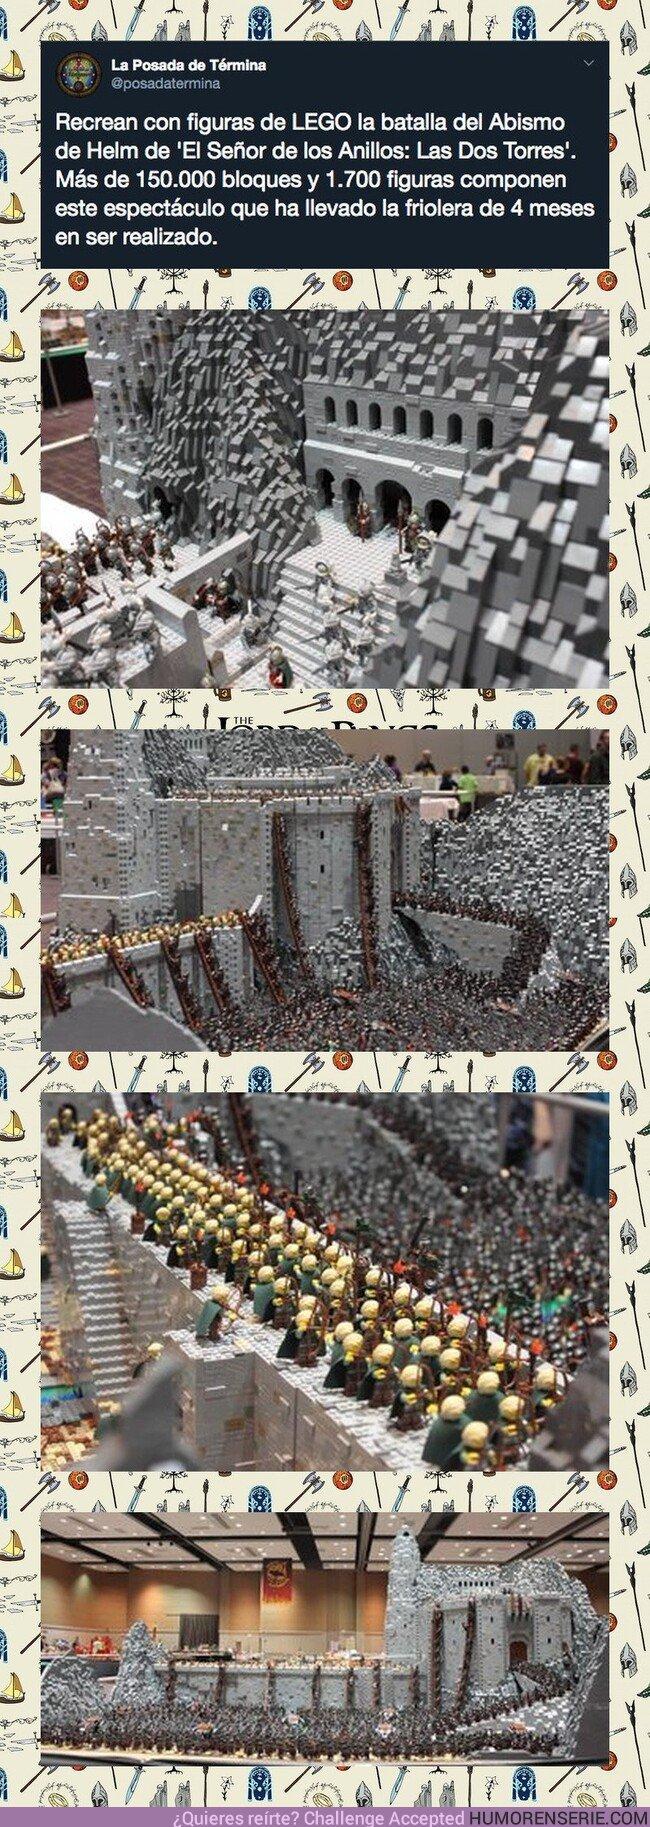 43918 - Recrean con figuras LEGO la Batalla del Abismo de Helm y es algo ALUCINANTE